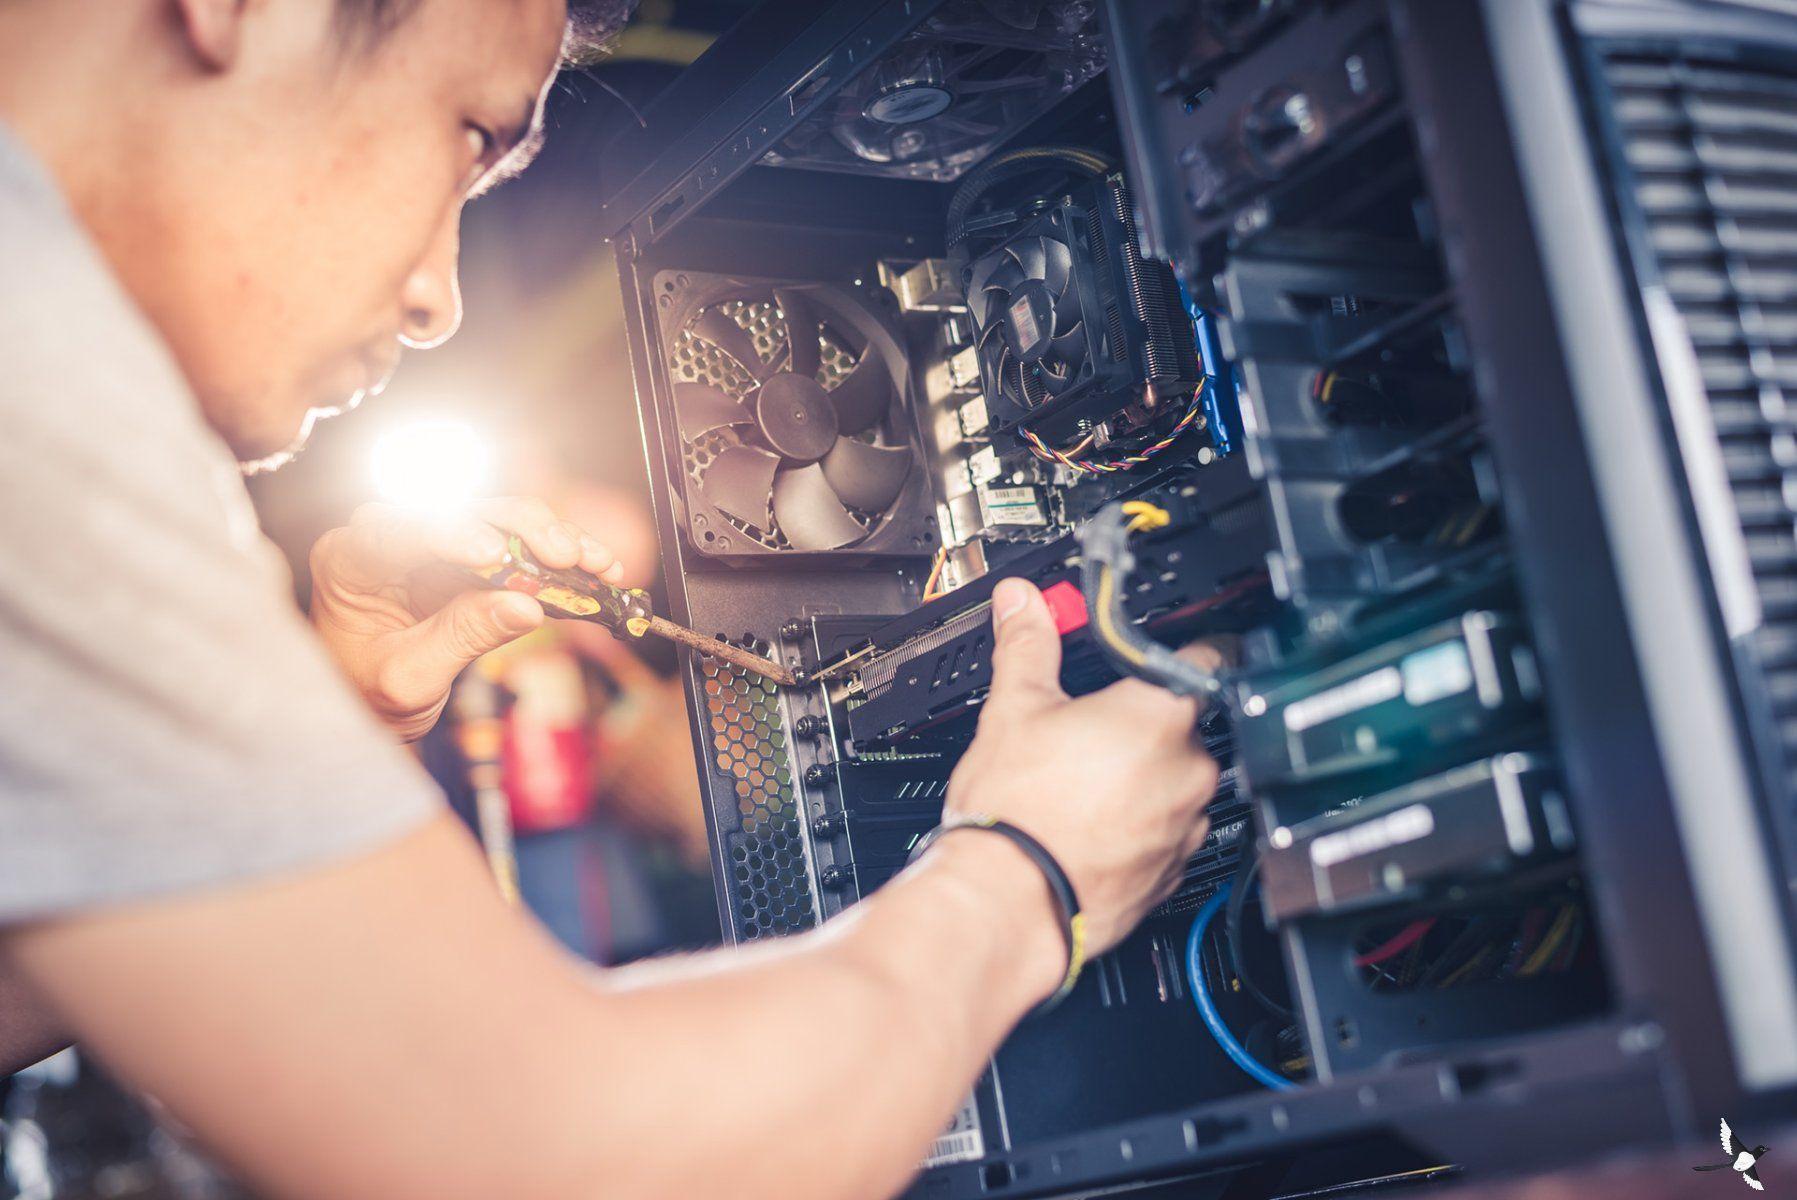 Популярные неисправности компьютеров: где осуществить ремонт в Казахстане, перечень услуг, этапы сотрудничества, преимущества